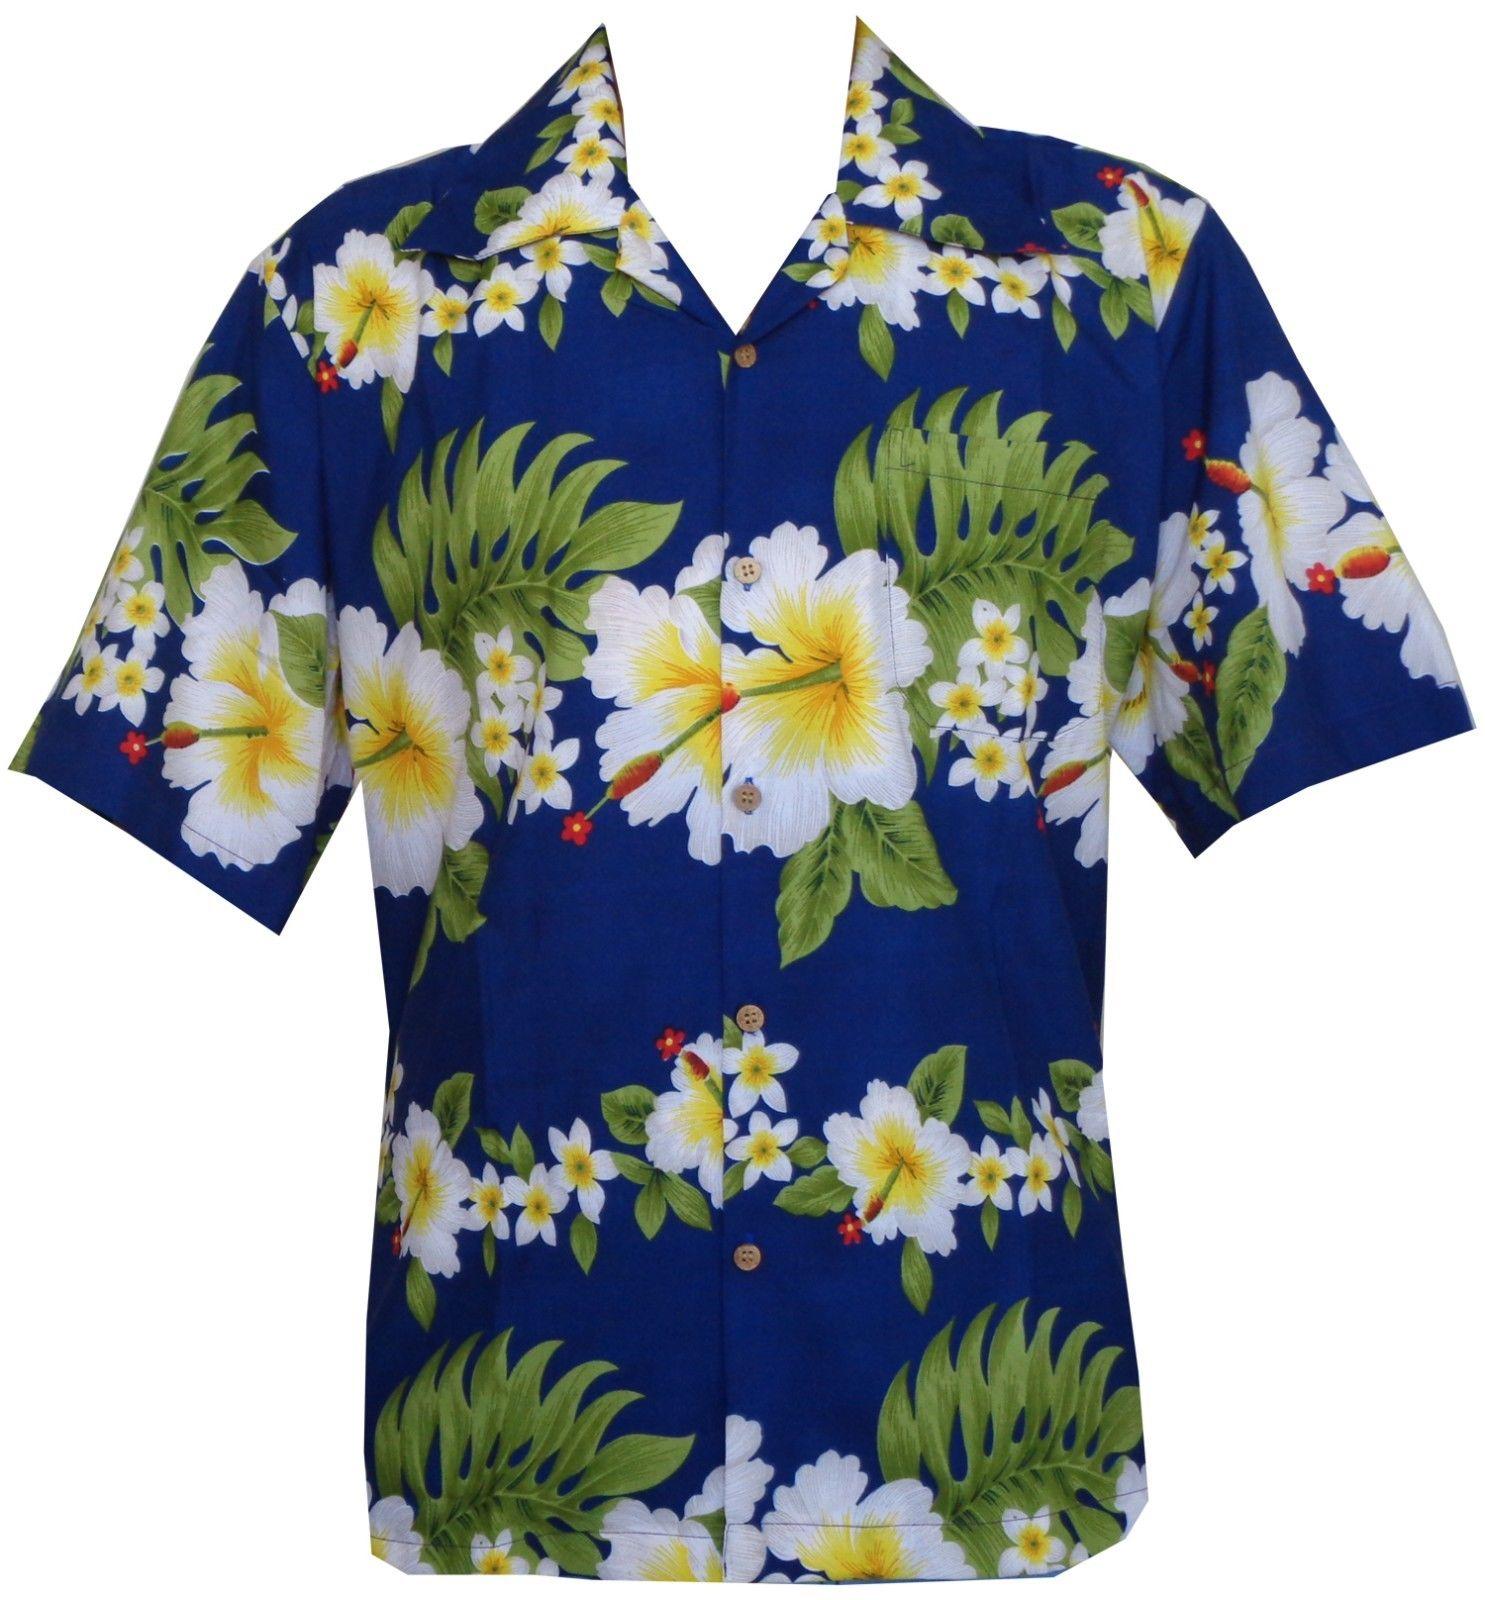 Hawaiian-Shirt-Mens-Hibiscus-Floral-Print-Aloha-Party-Beach-Camp-Holiday thumbnail 9